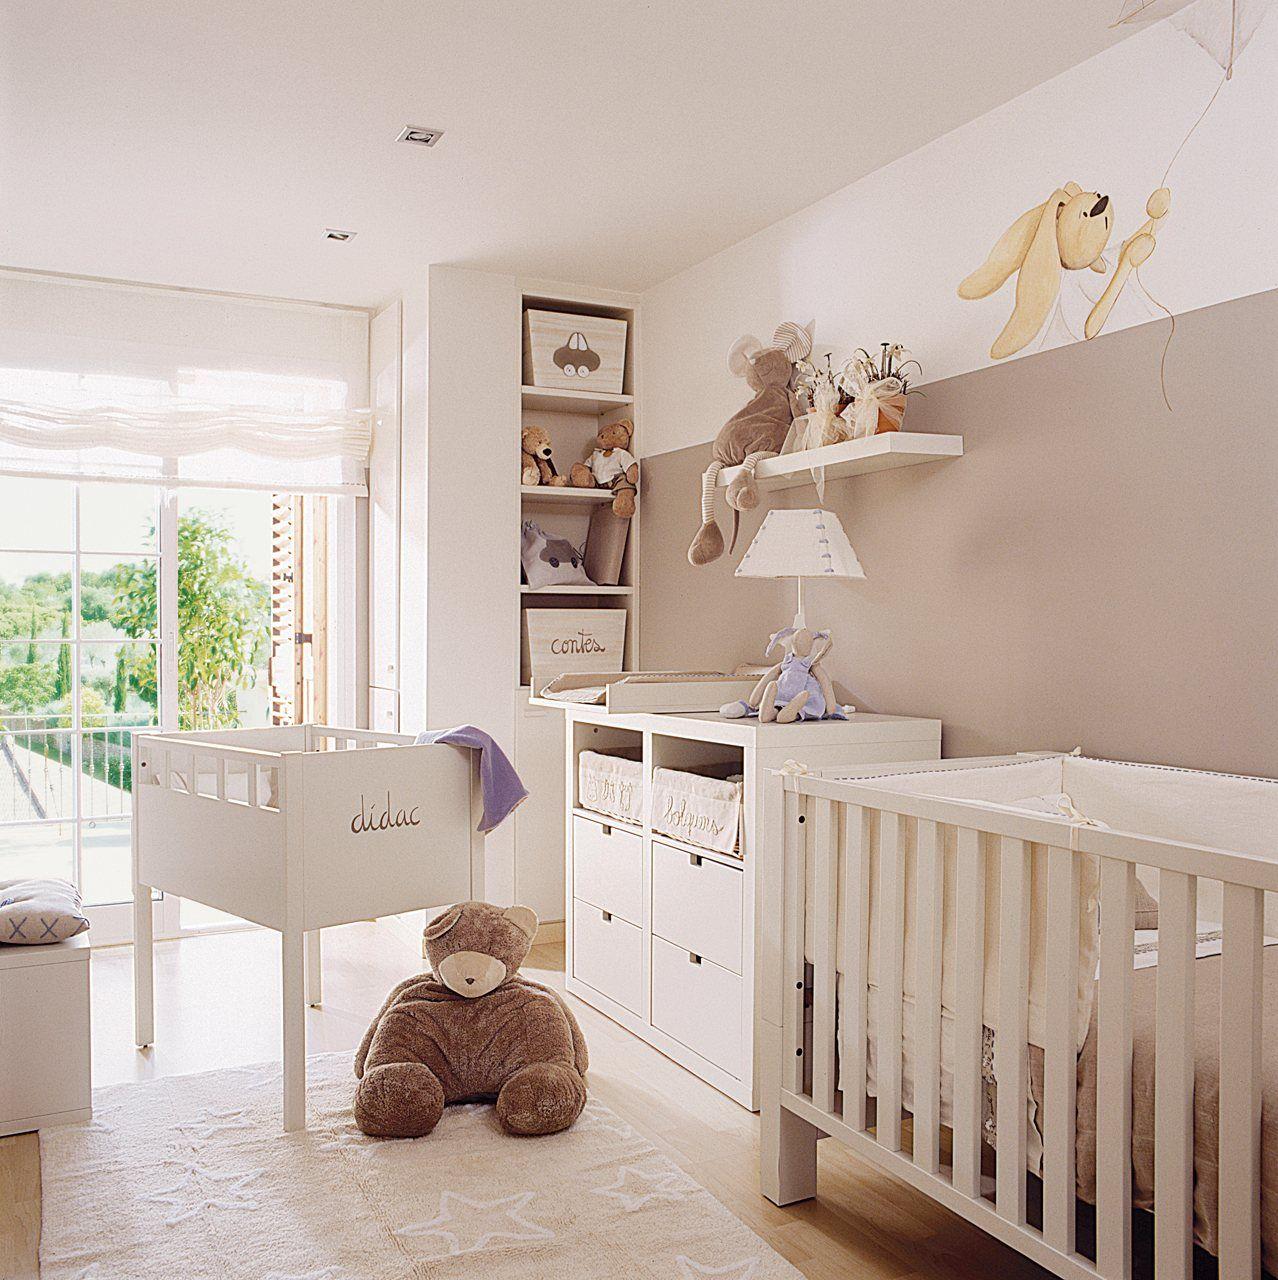 Habitacion bebe beige buscar con google bebes pinterest habitaciones bebes bebe y beige - Habitaciones de bebe ...